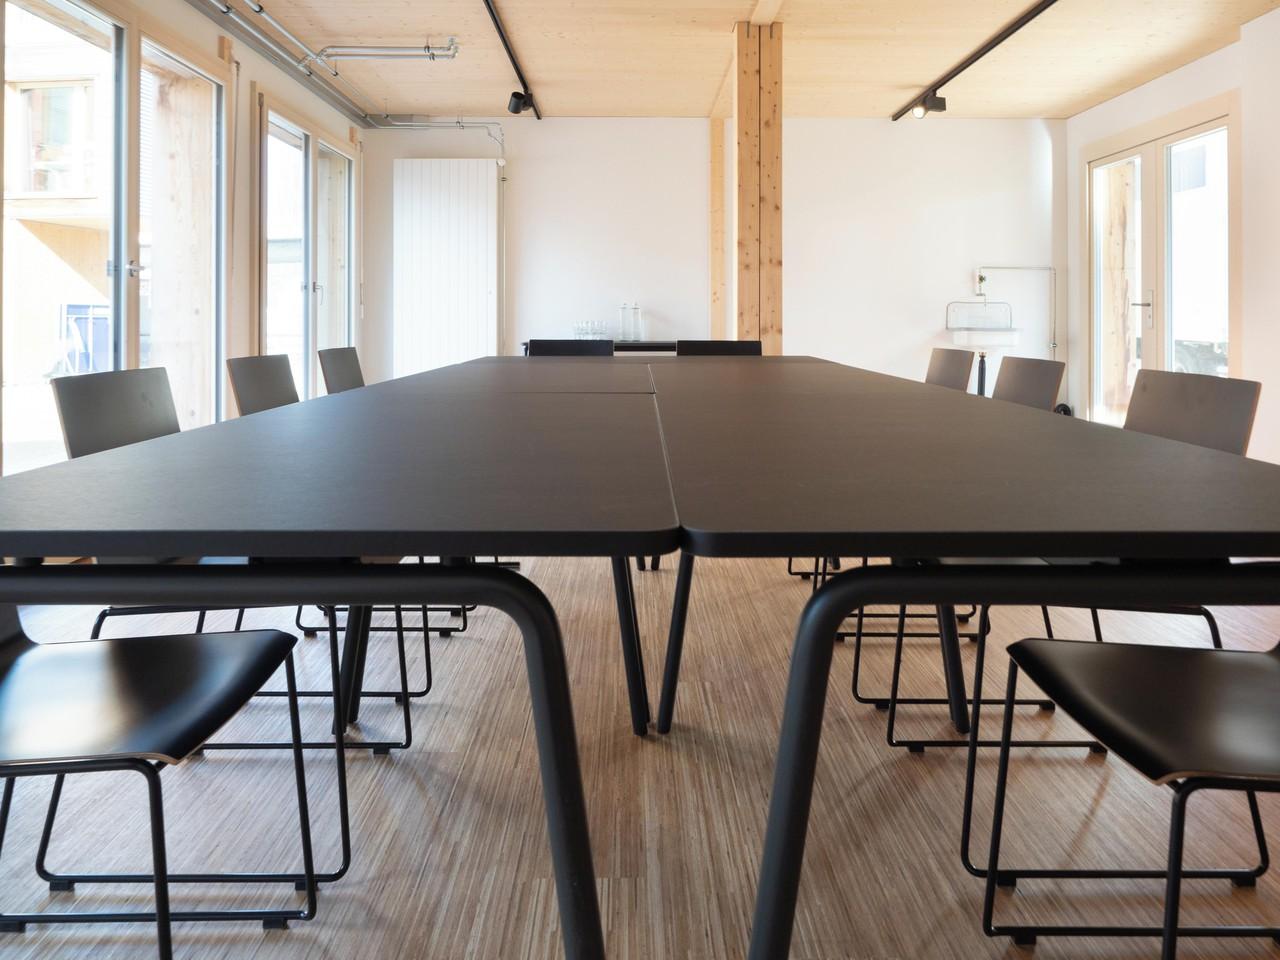 Zurich Schulungsräume Meeting room  image 0